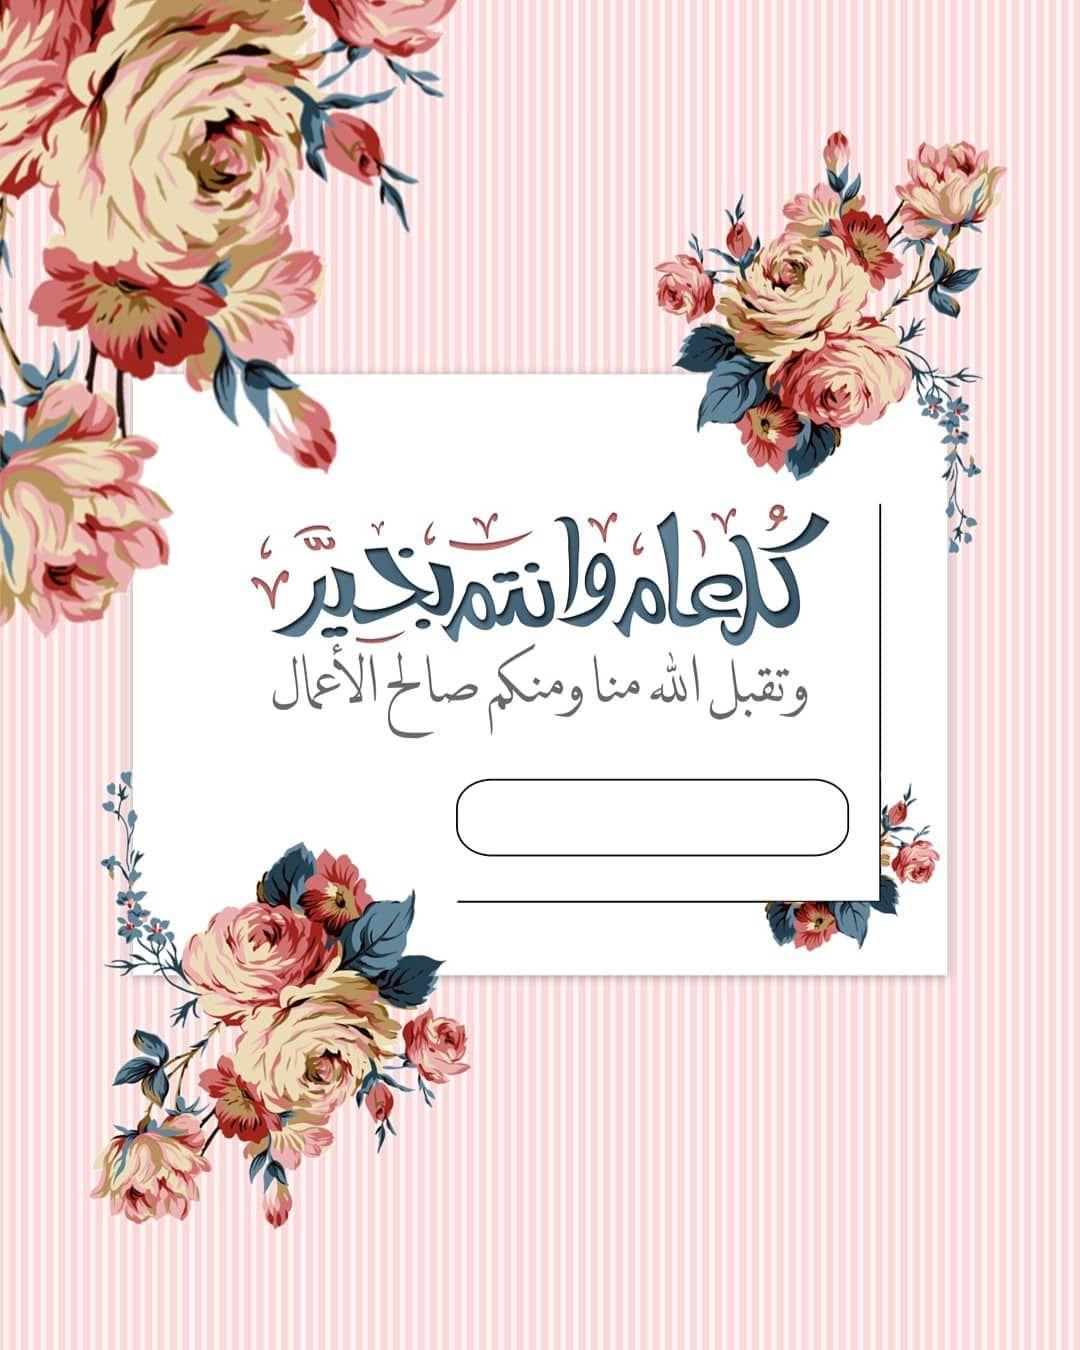 النقاء On Instagram بطاقة تهنئة بمناسبة عيدالفطر جاهزة لاضافة الاسم اهداء مني لكم وبدون حقوق In 2020 Eid Wallpaper Eid Stickers Eid Card Designs